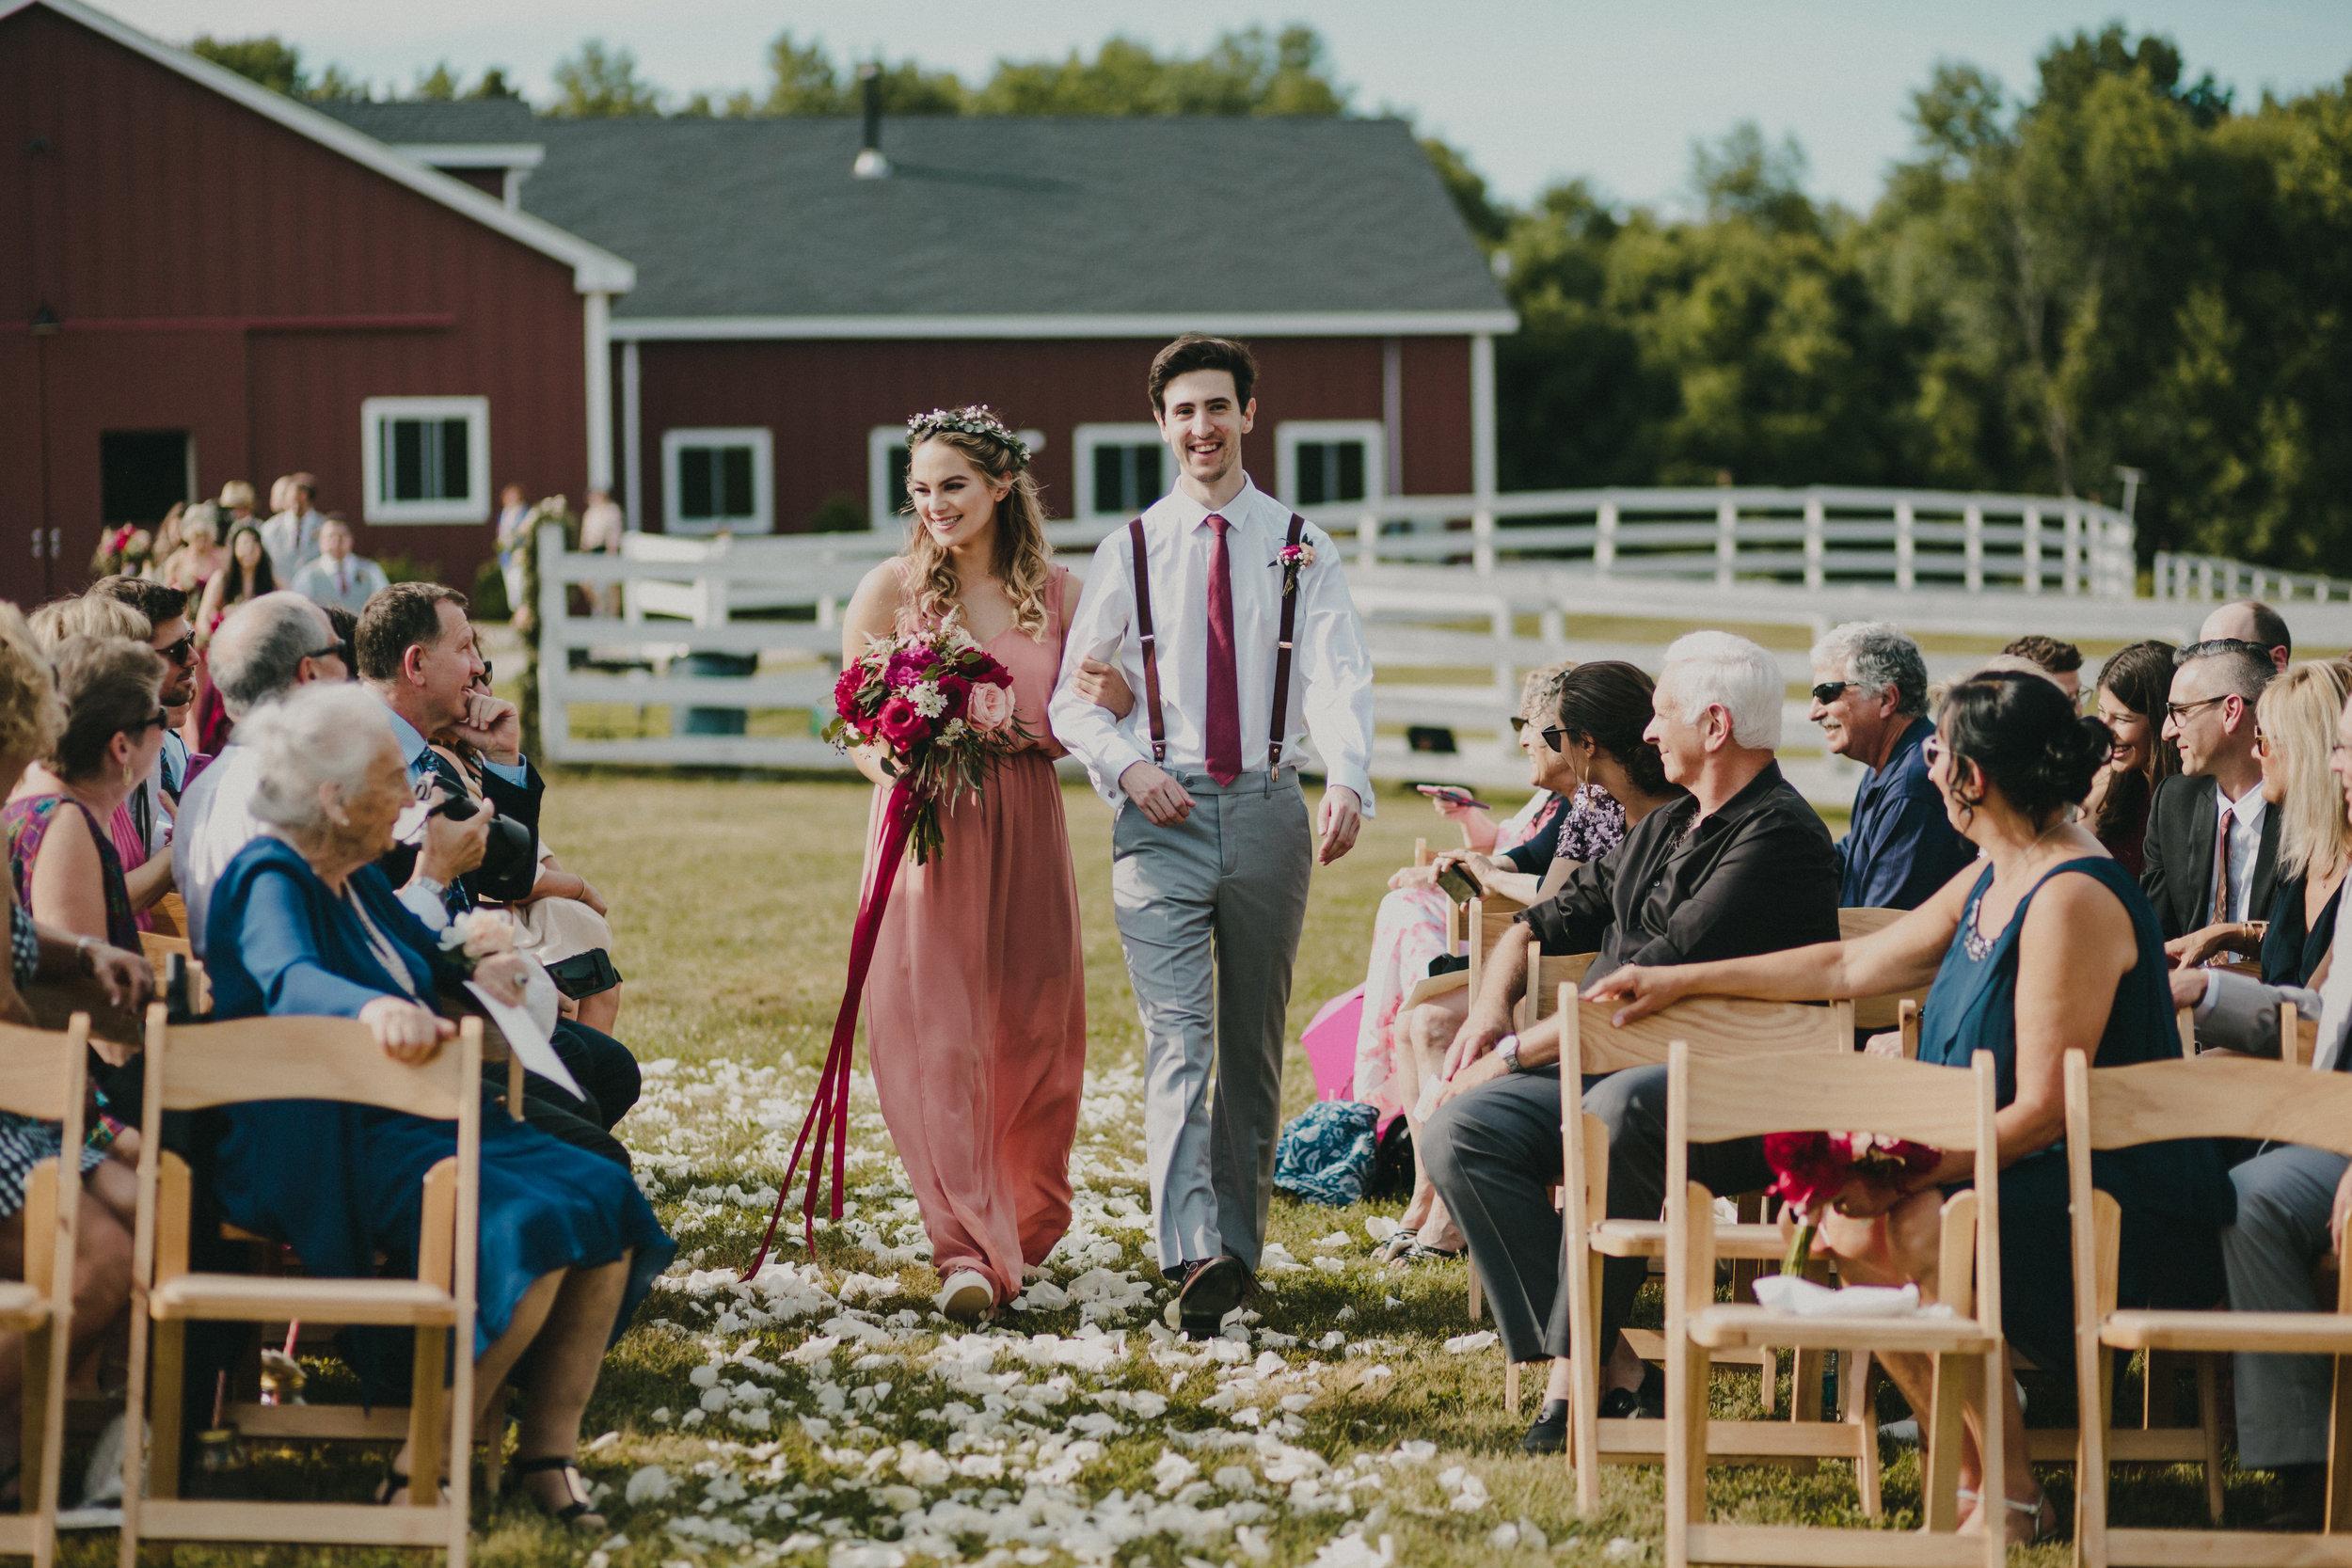 878-20180616-Amanda_Brett_Catskills_Summer_Boho_Wedding.jpg